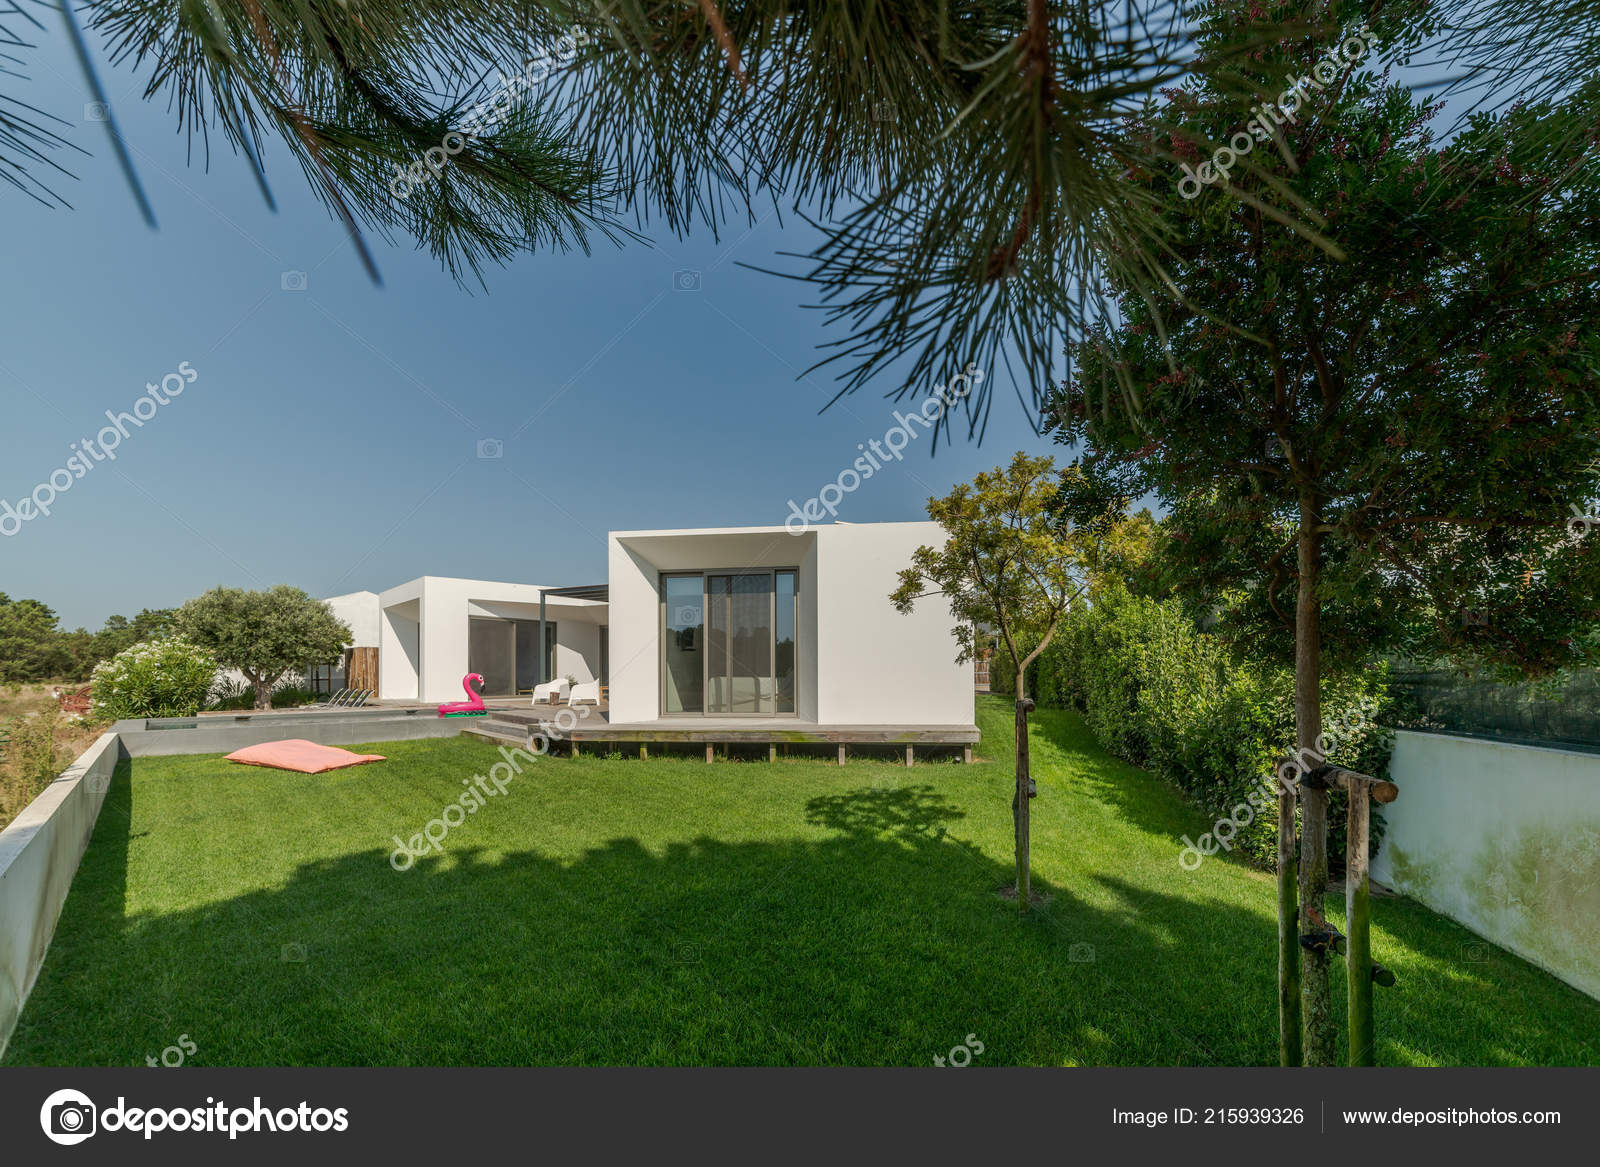 Maison Moderne Avec Jardin Piscine Terrasse Bois ...